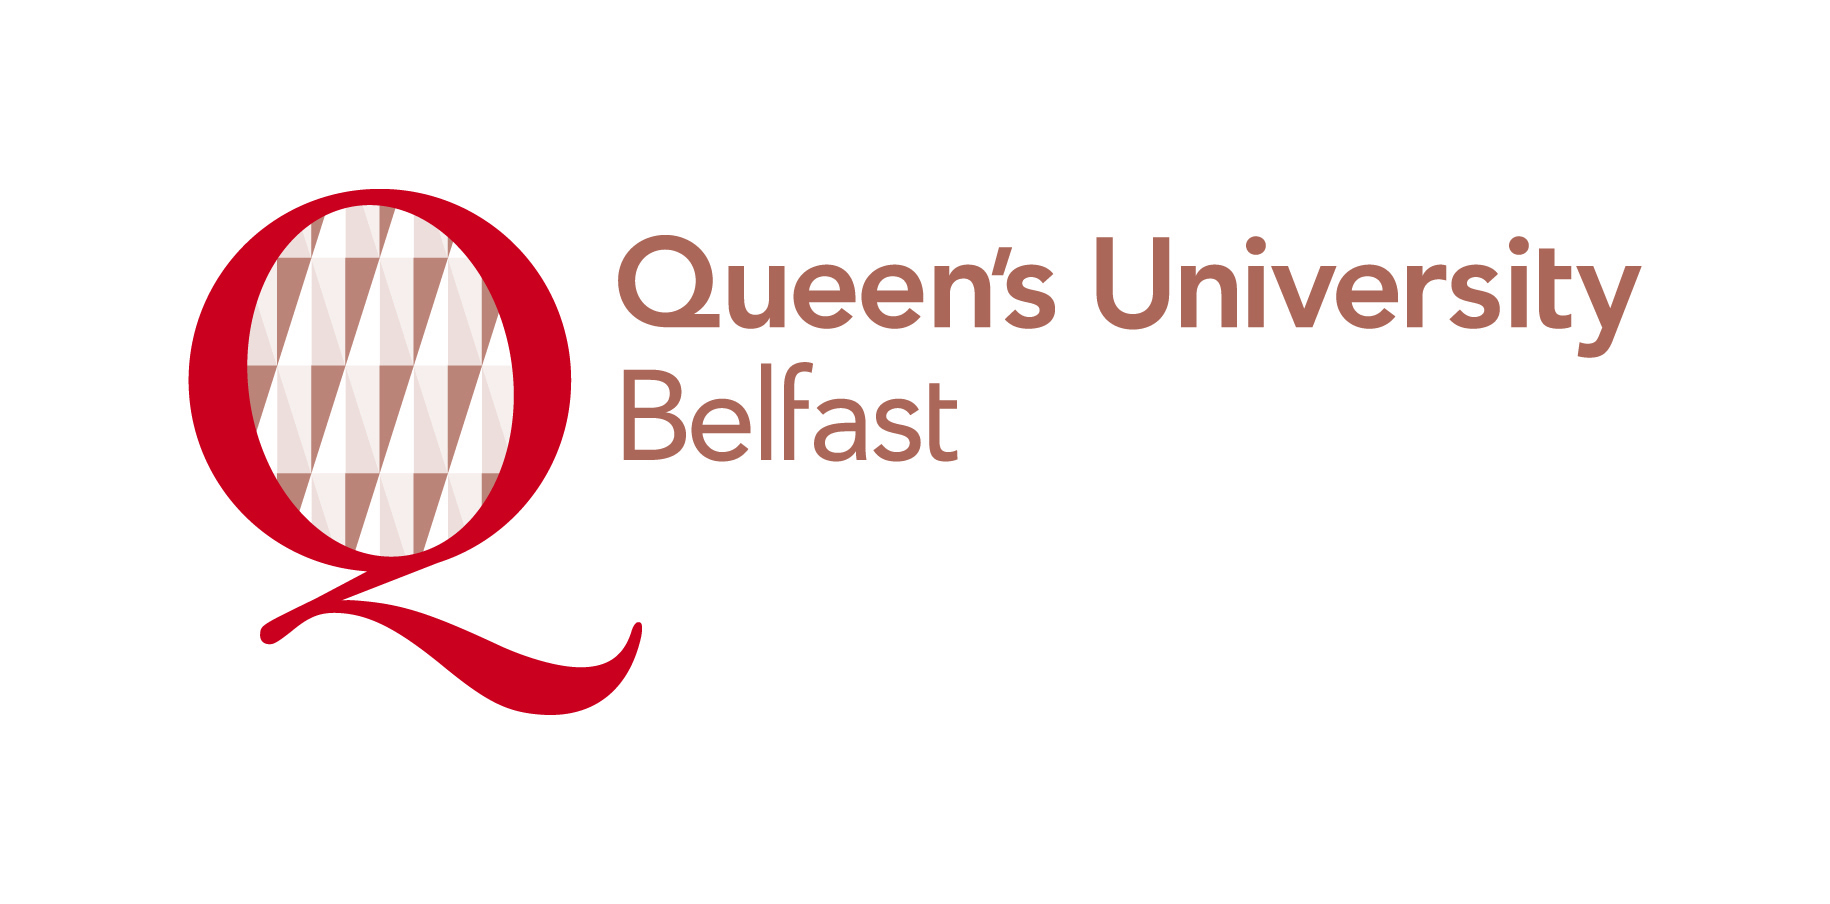 Queen's University Belfast-logo